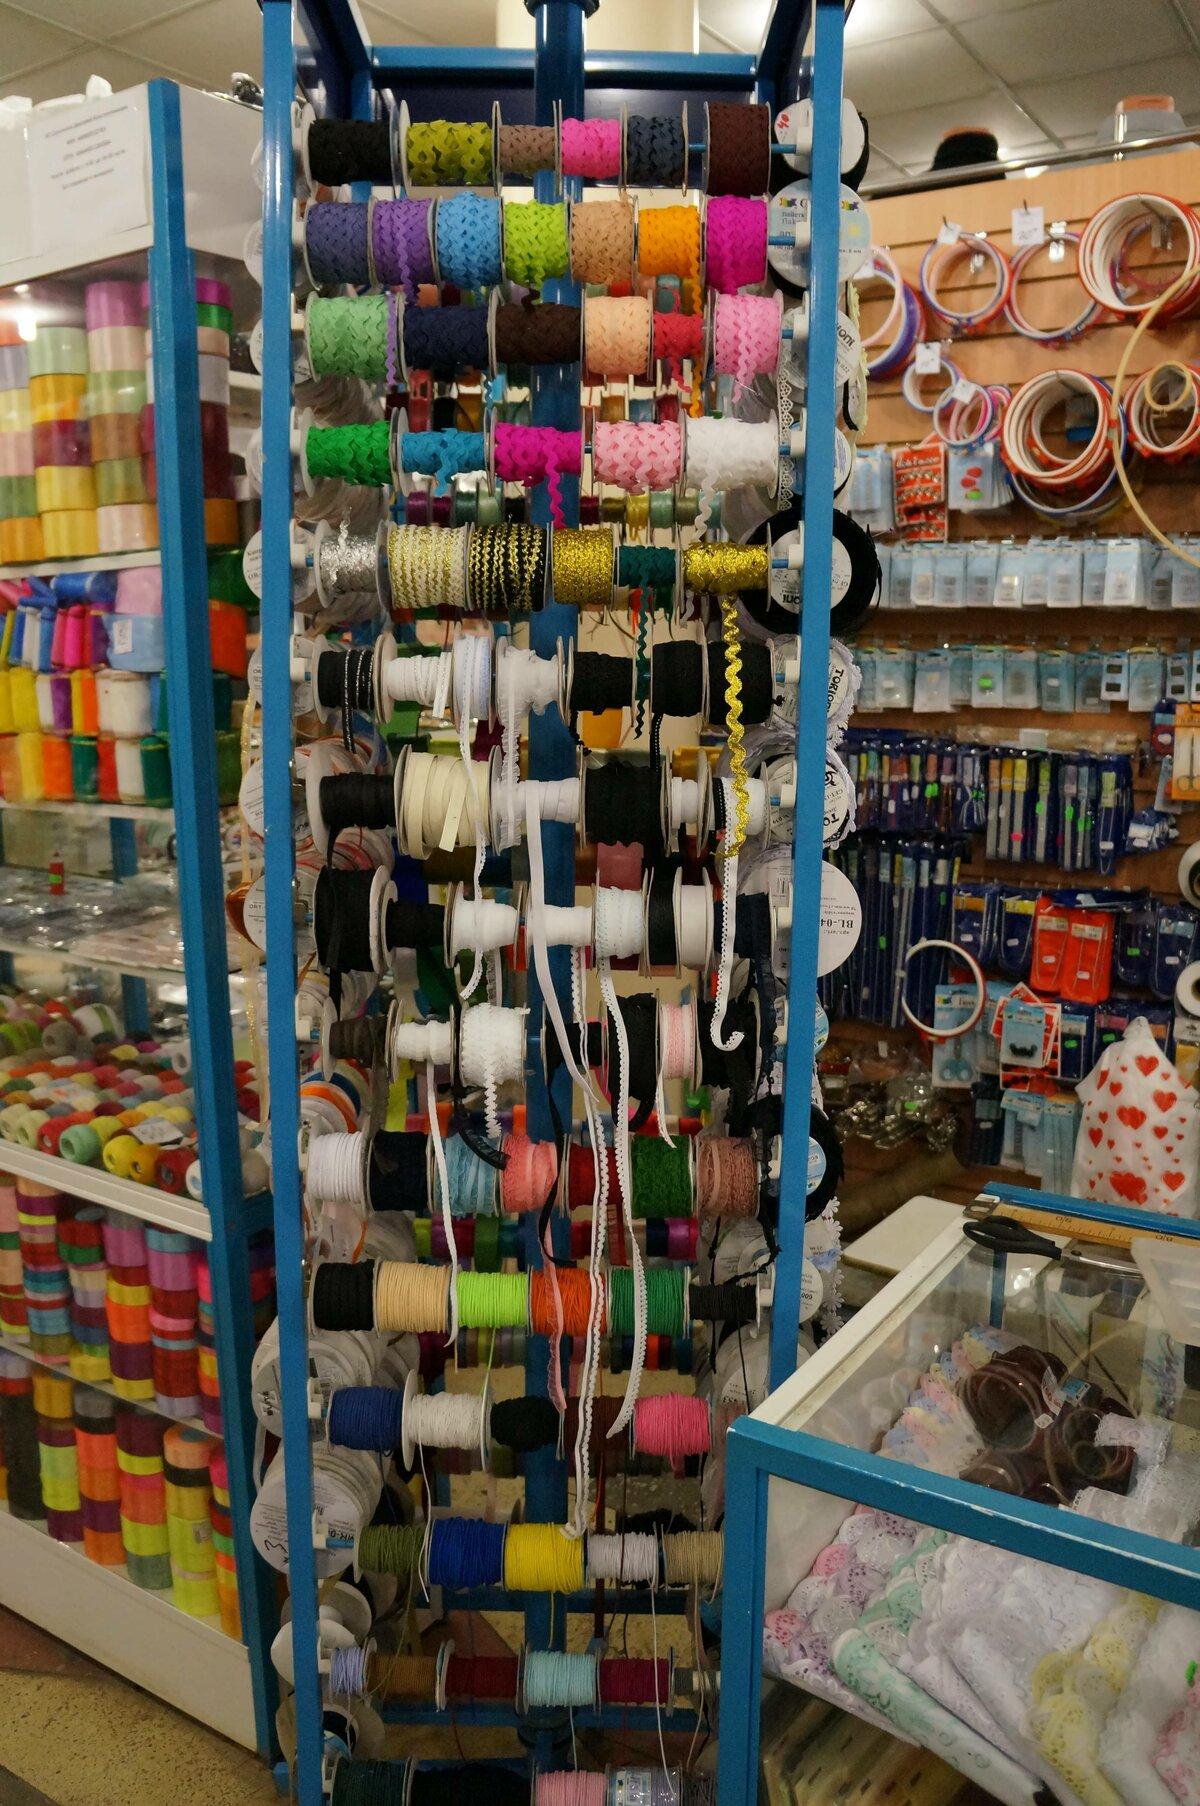 картинки для магазина швейной фурнитуры